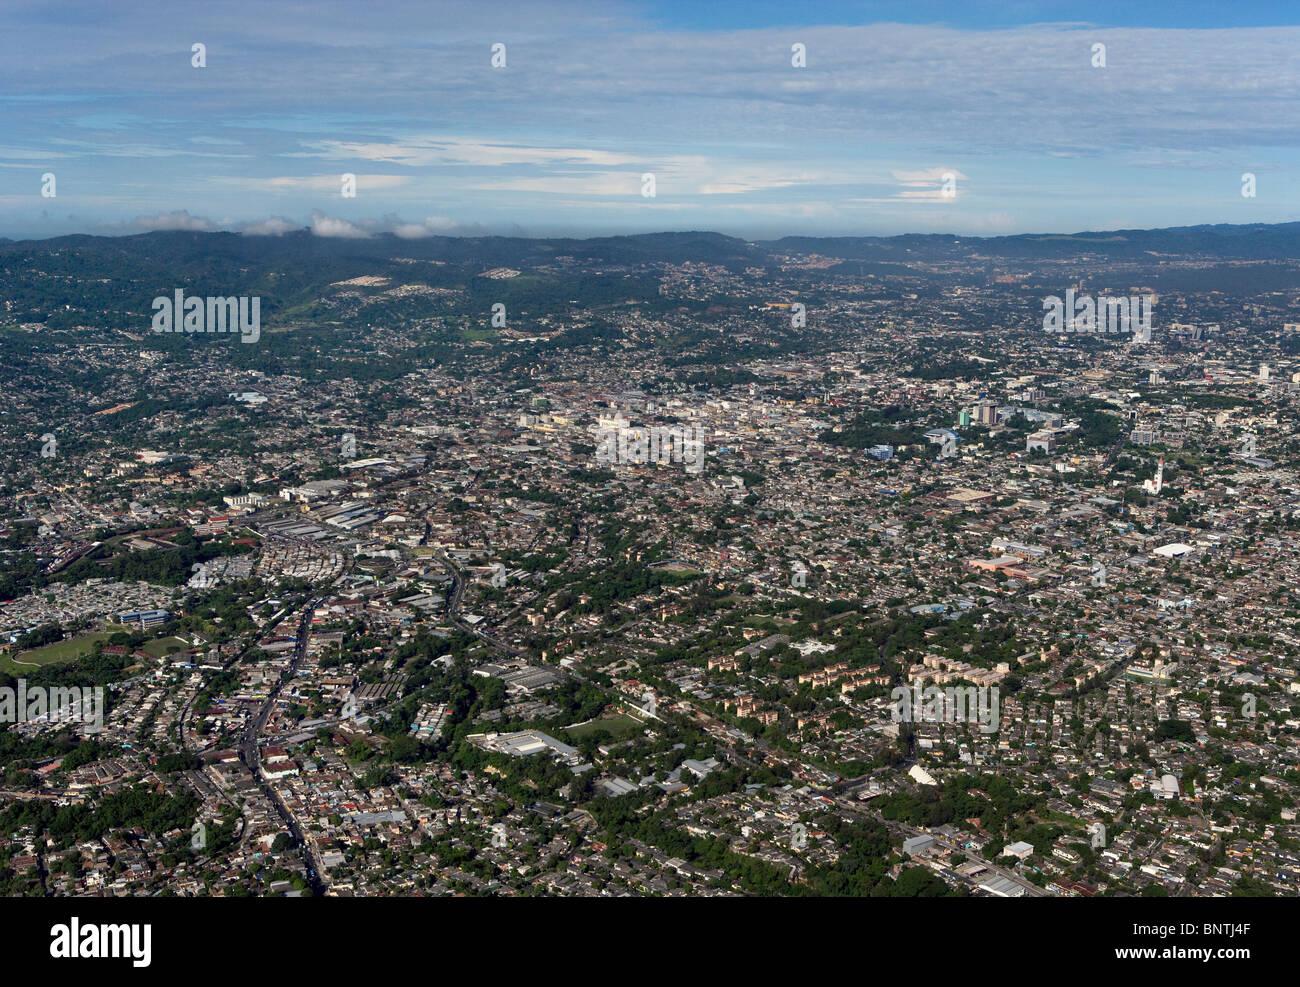 aerial view above San Salvador El Salvador central America Stock Photo